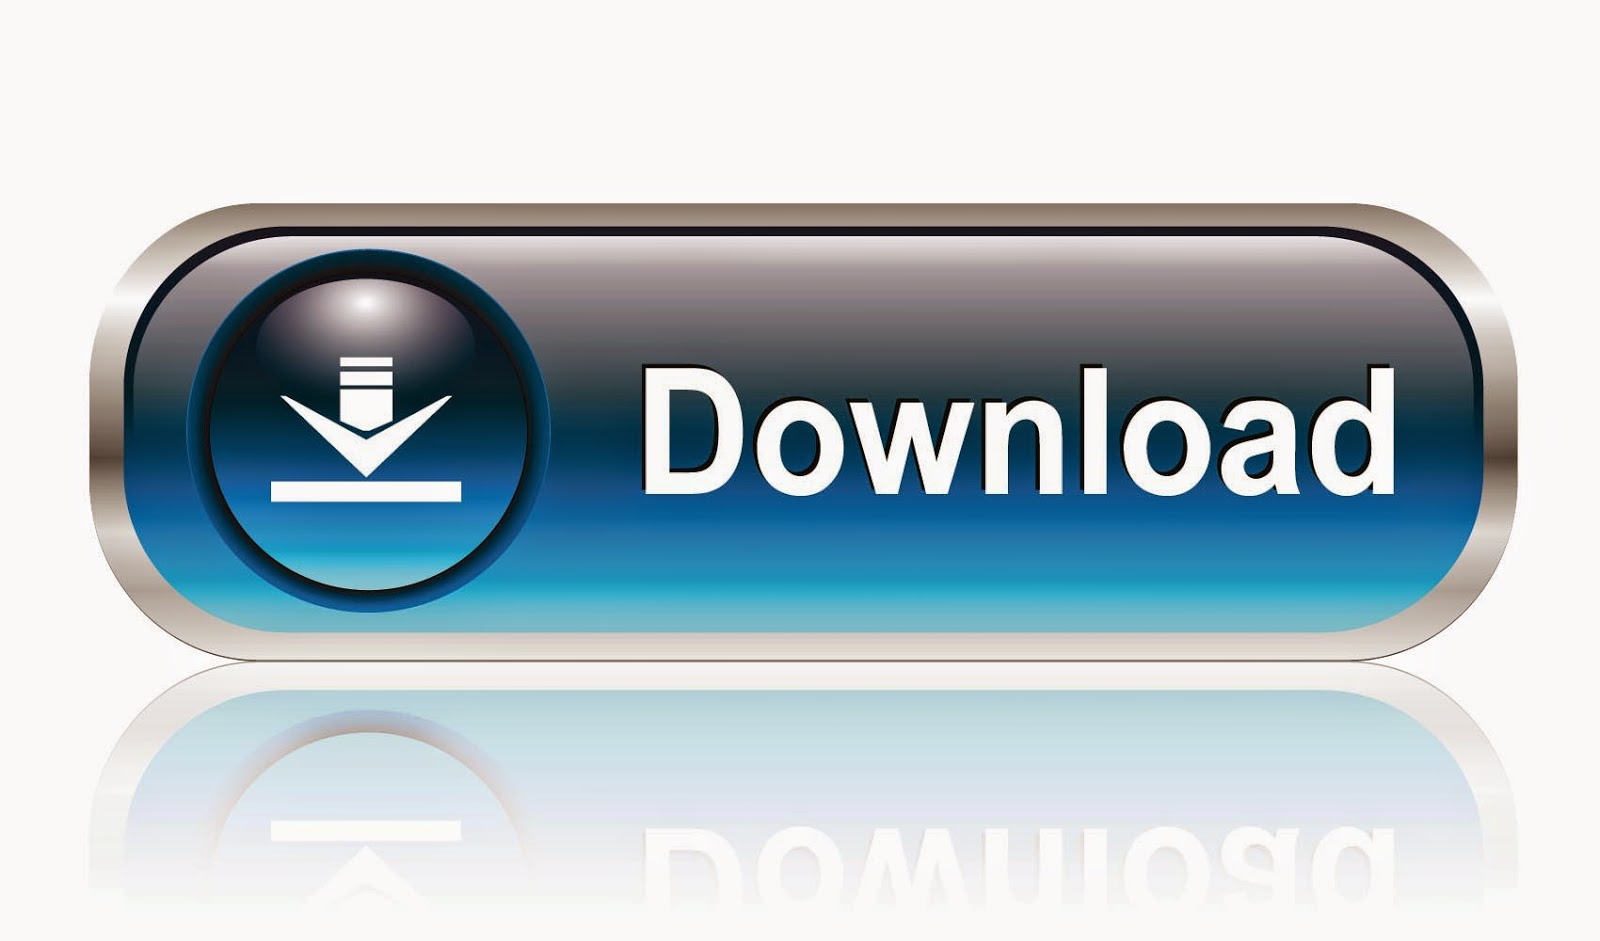 """<img src=""""http://1.bp.blogspot.com/-wSVeN2Z92ac/U2ZpLsYb5HI/AAAAAAAACfs/BpAsfkkcnYA/s1600/Catfiz-Messenger.jpg"""" alt=""""Catfiz Messenger Apk Free Download"""" />"""